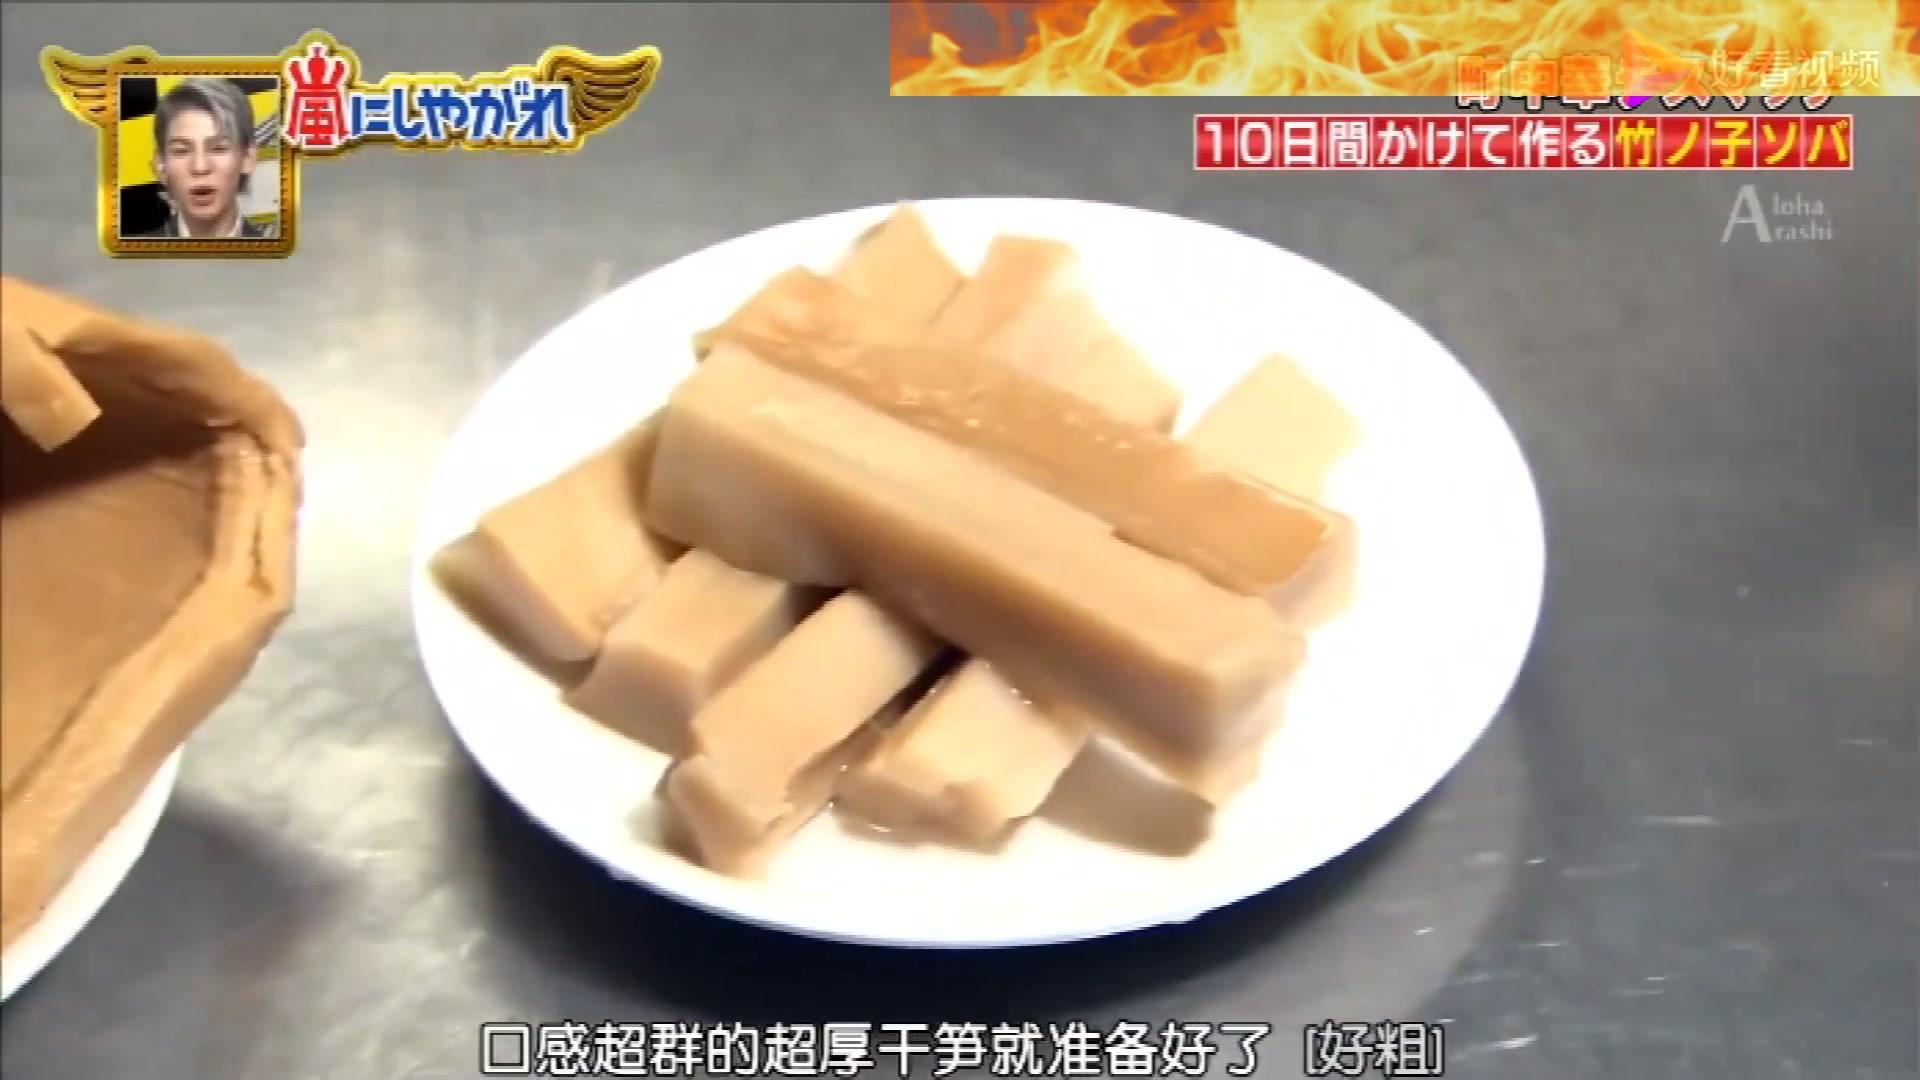 日本节目介绍中国的竹笋拉面,嘉宾一口吸溜,馋坏一众日本明星